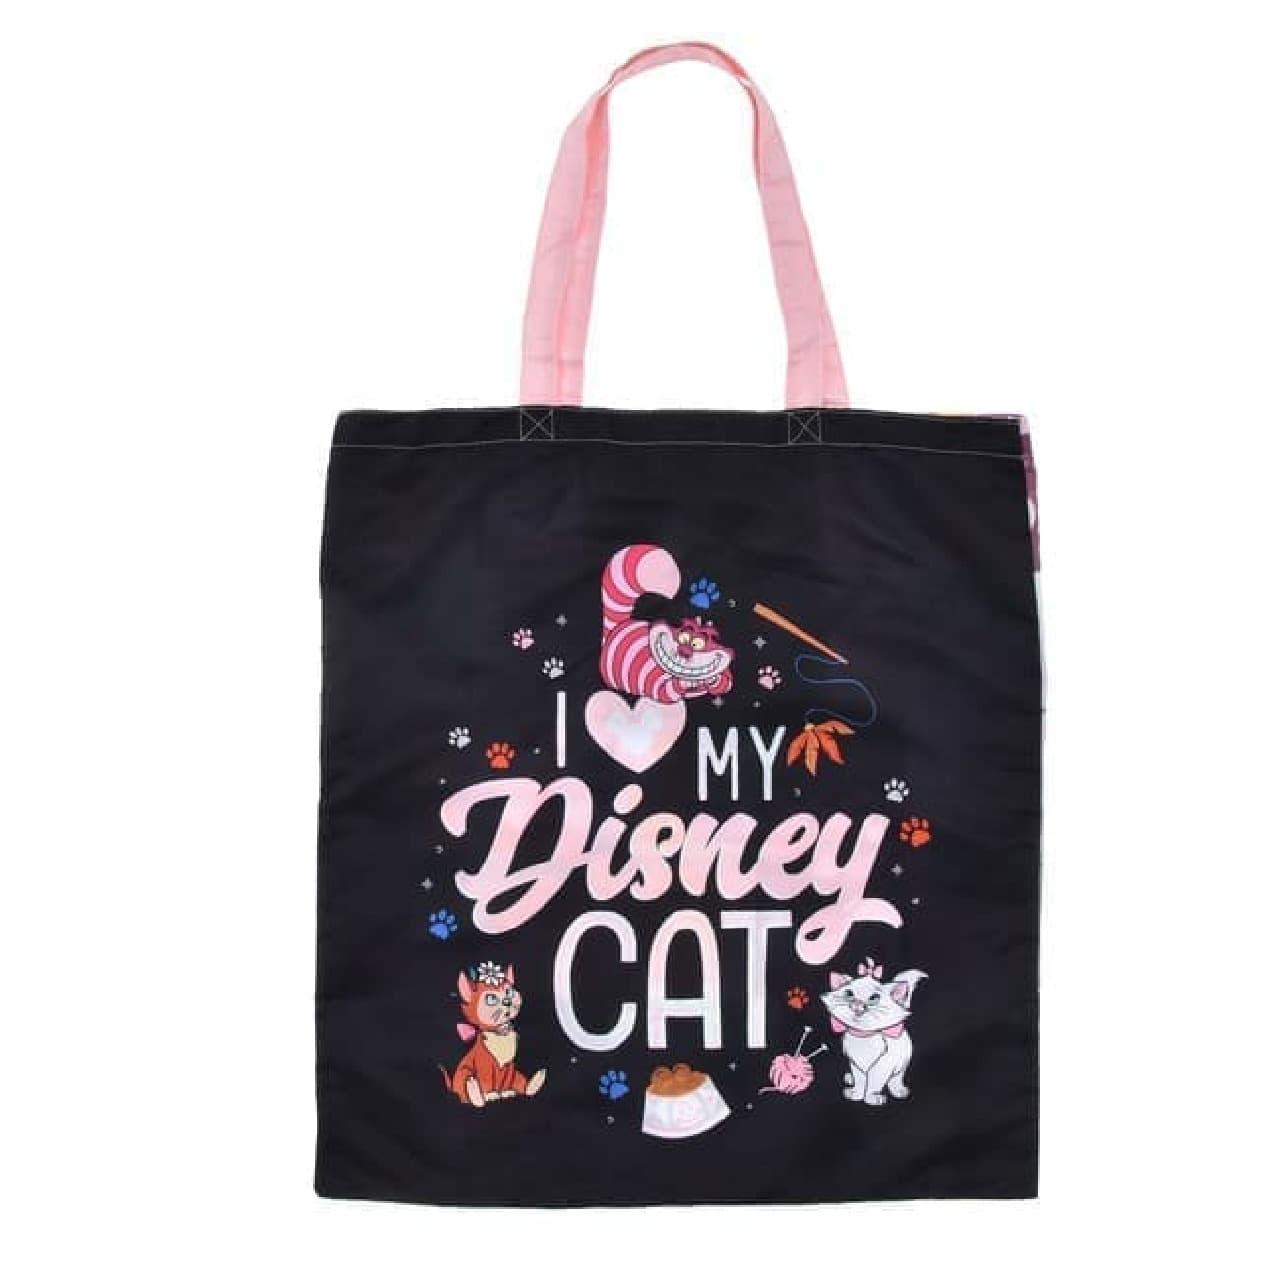 ディズニーストアから猫の日グッズ -- マリーやフィガロが可愛い雑貨に